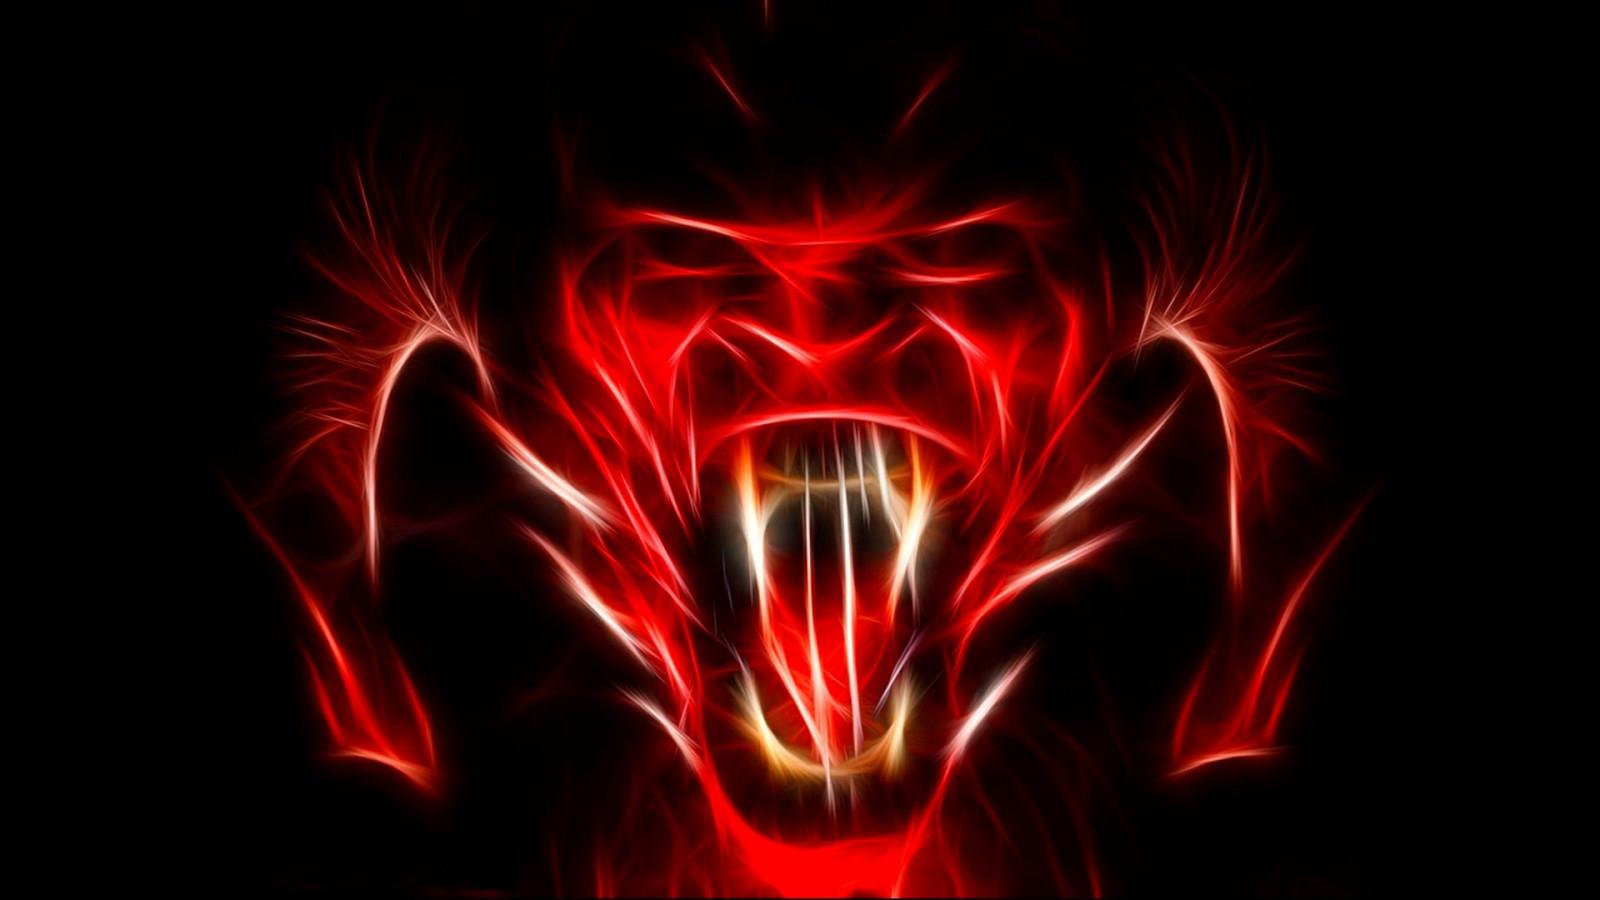 Новый год, крутые картинки дьяволов